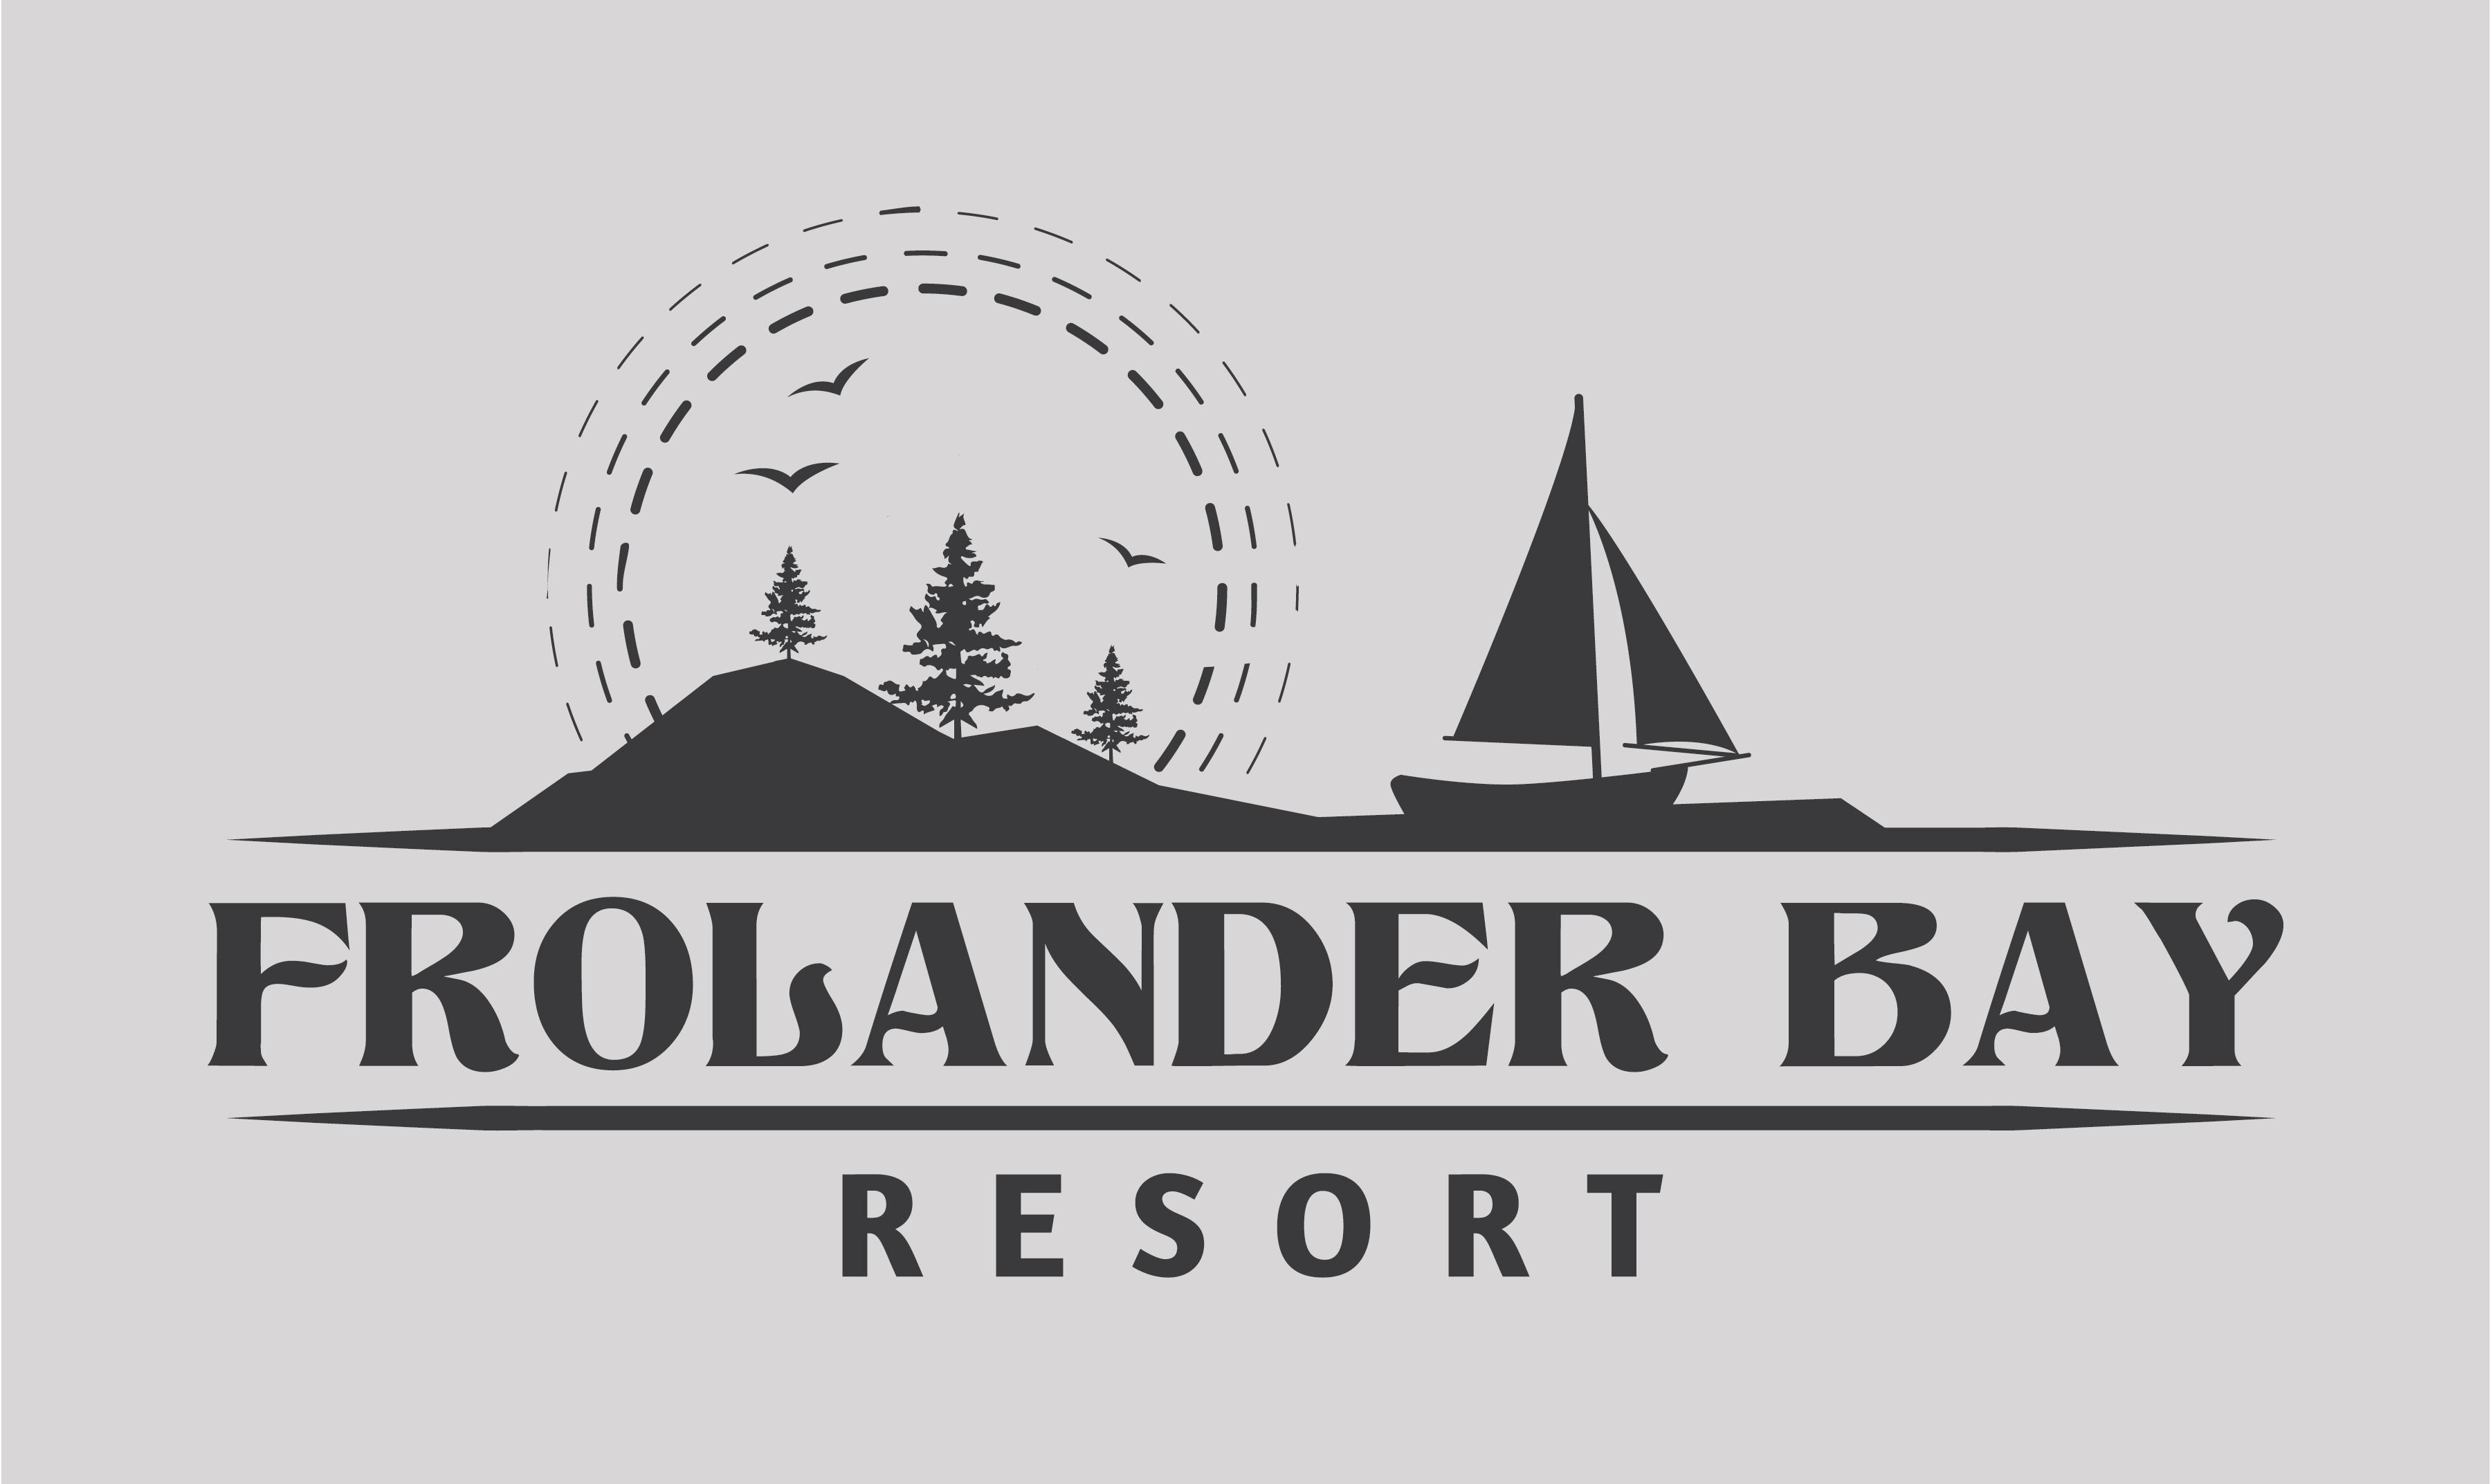 Frolander Bay Resort